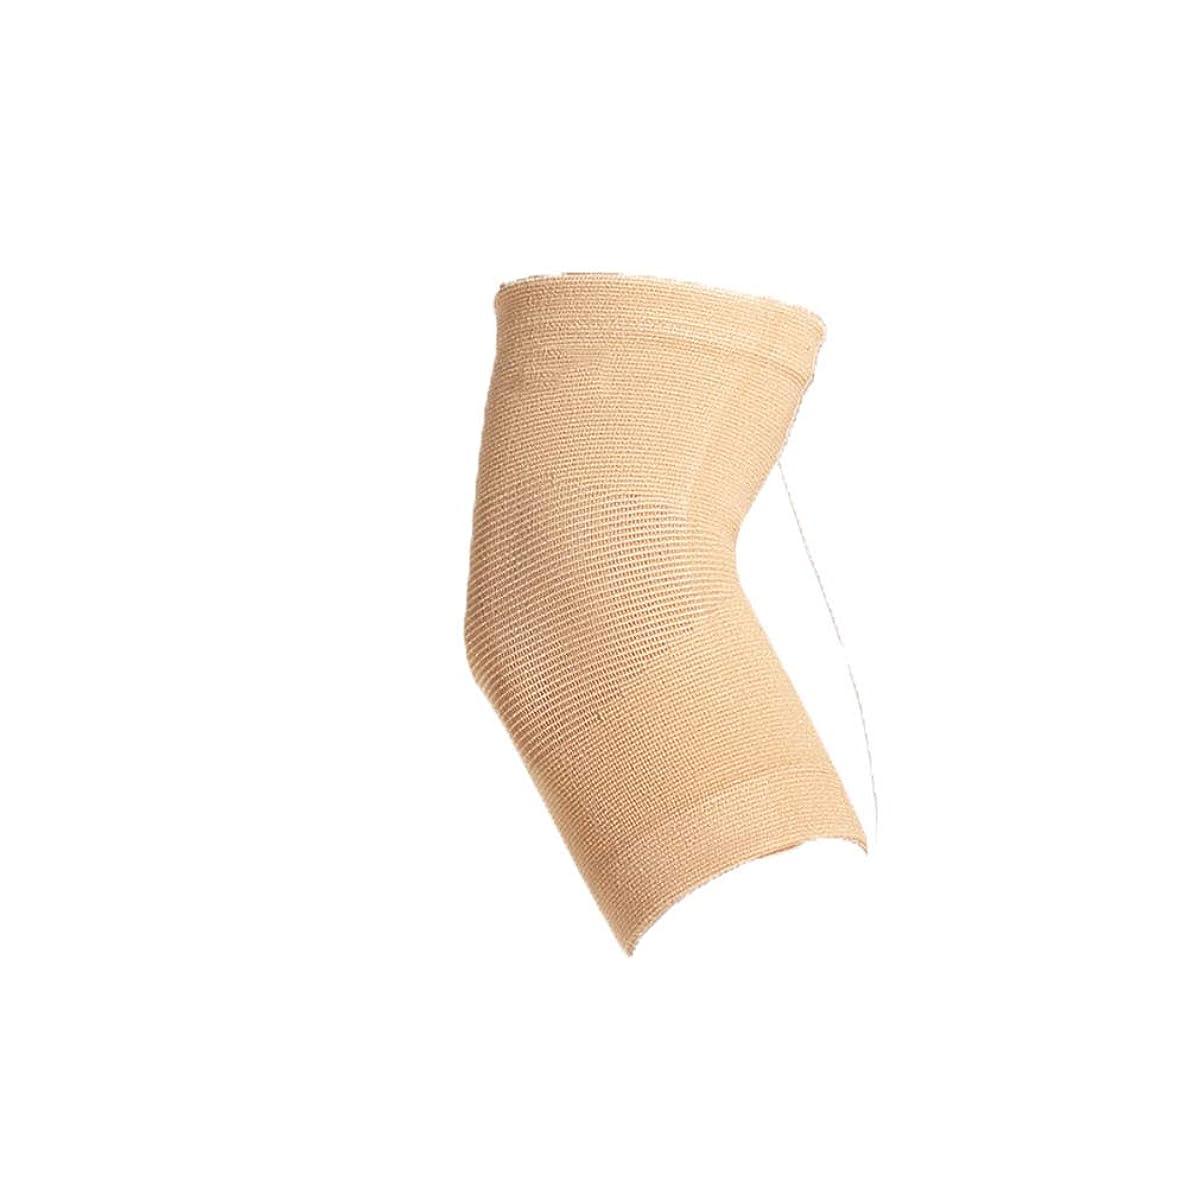 属性怒る動物園ケア肘装具、サポート、スリーブ-弾性 & 通気性ファブリック-調整可能な圧縮ストラップ/バンド-男性、女性、右または左ア,Beige,S